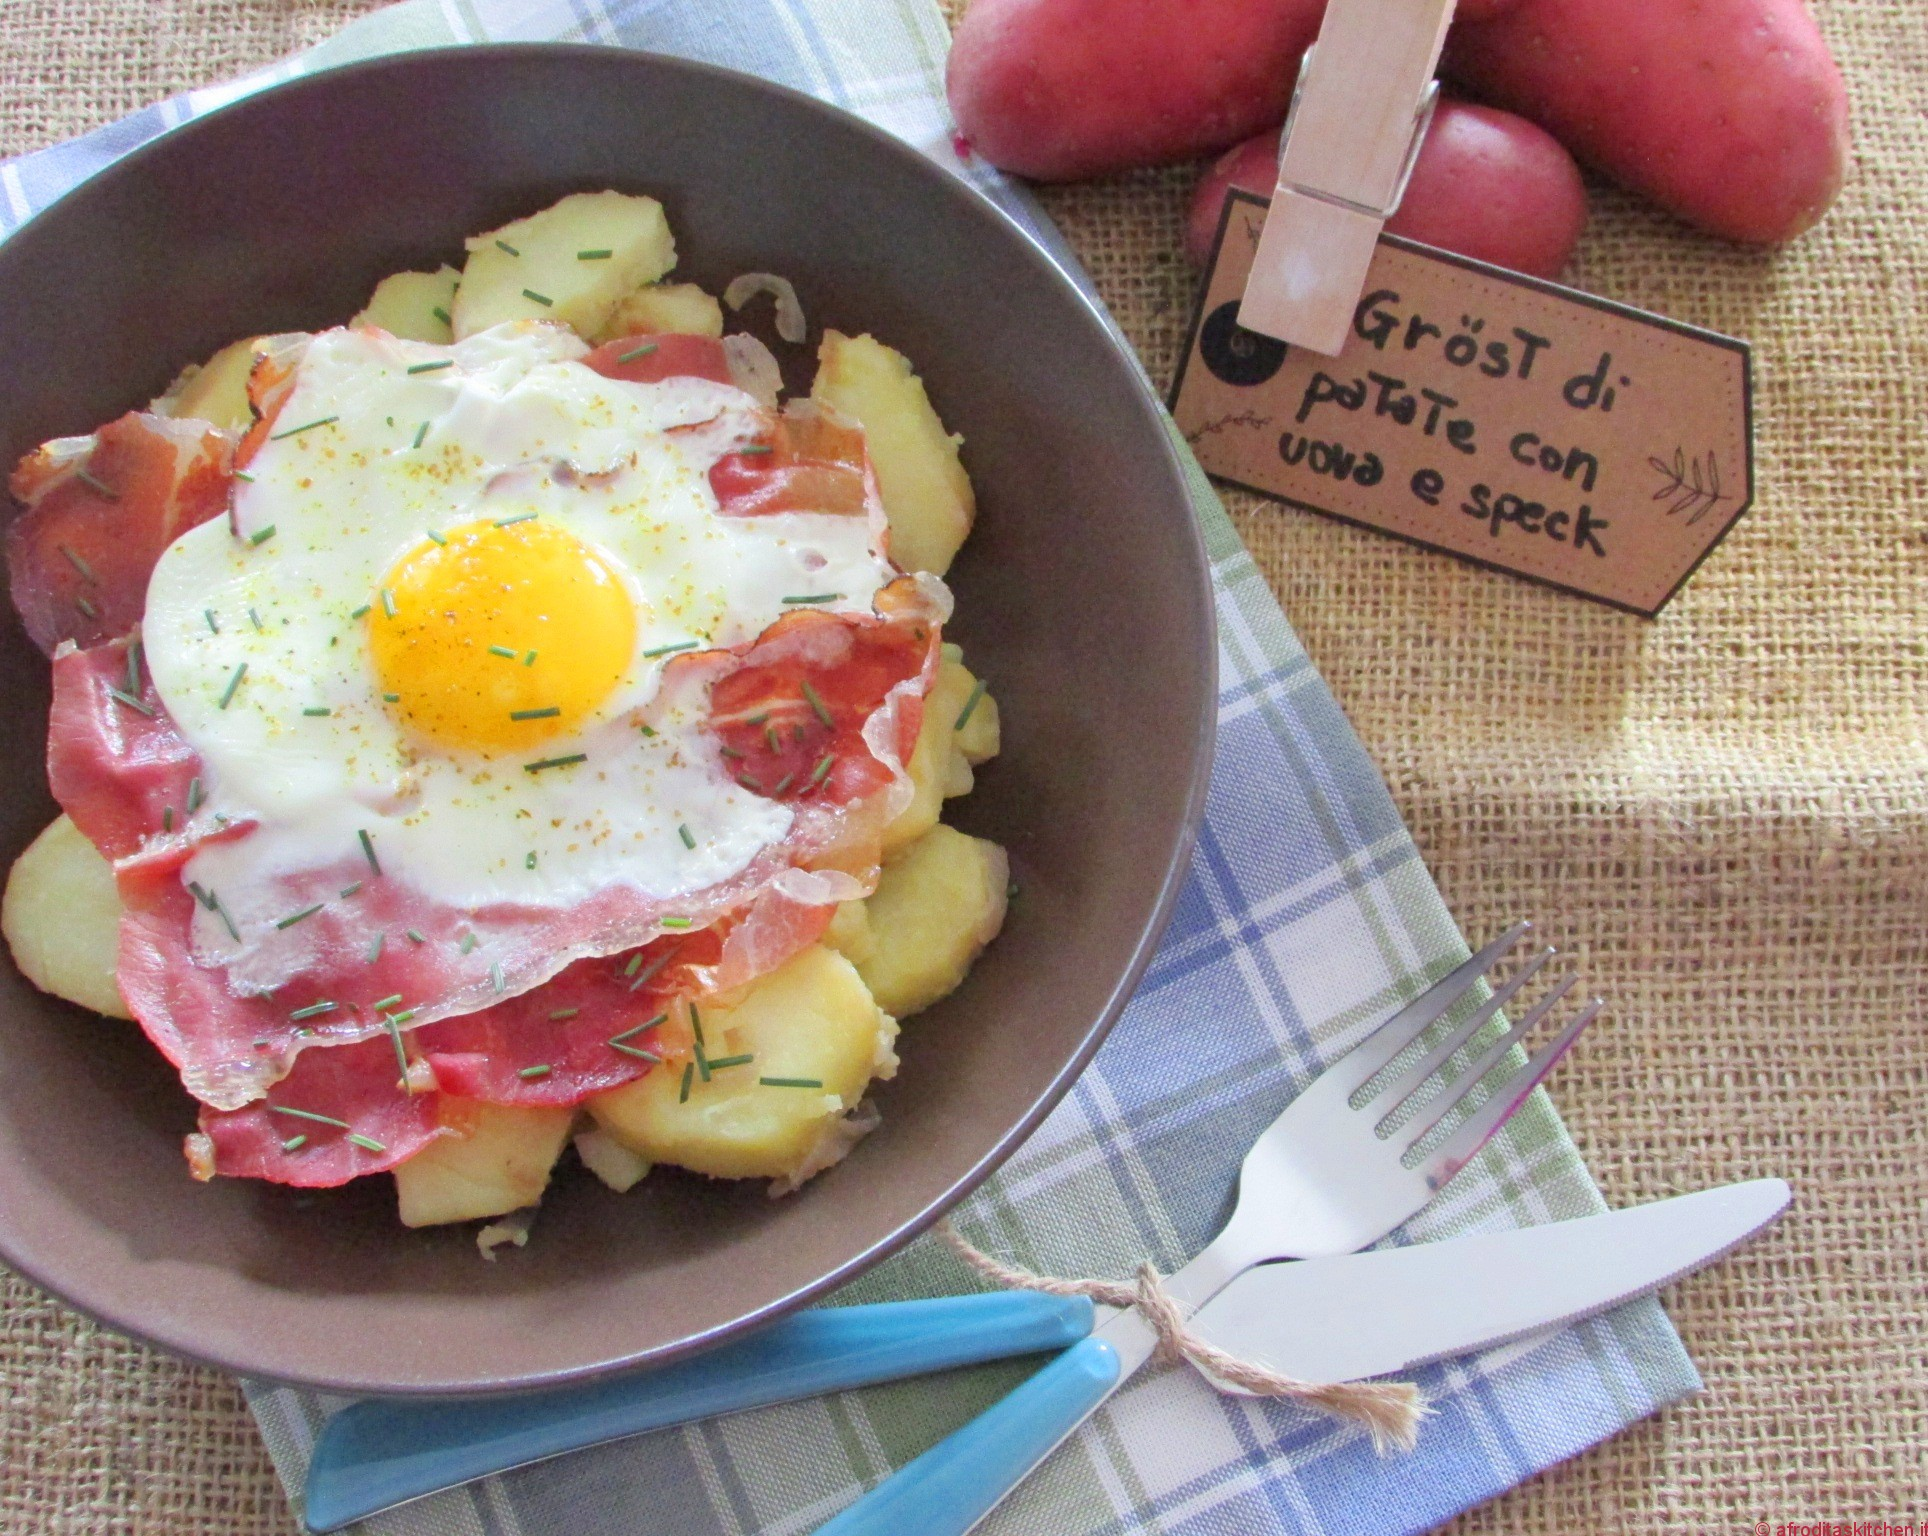 Grostl di patate con speck e uova